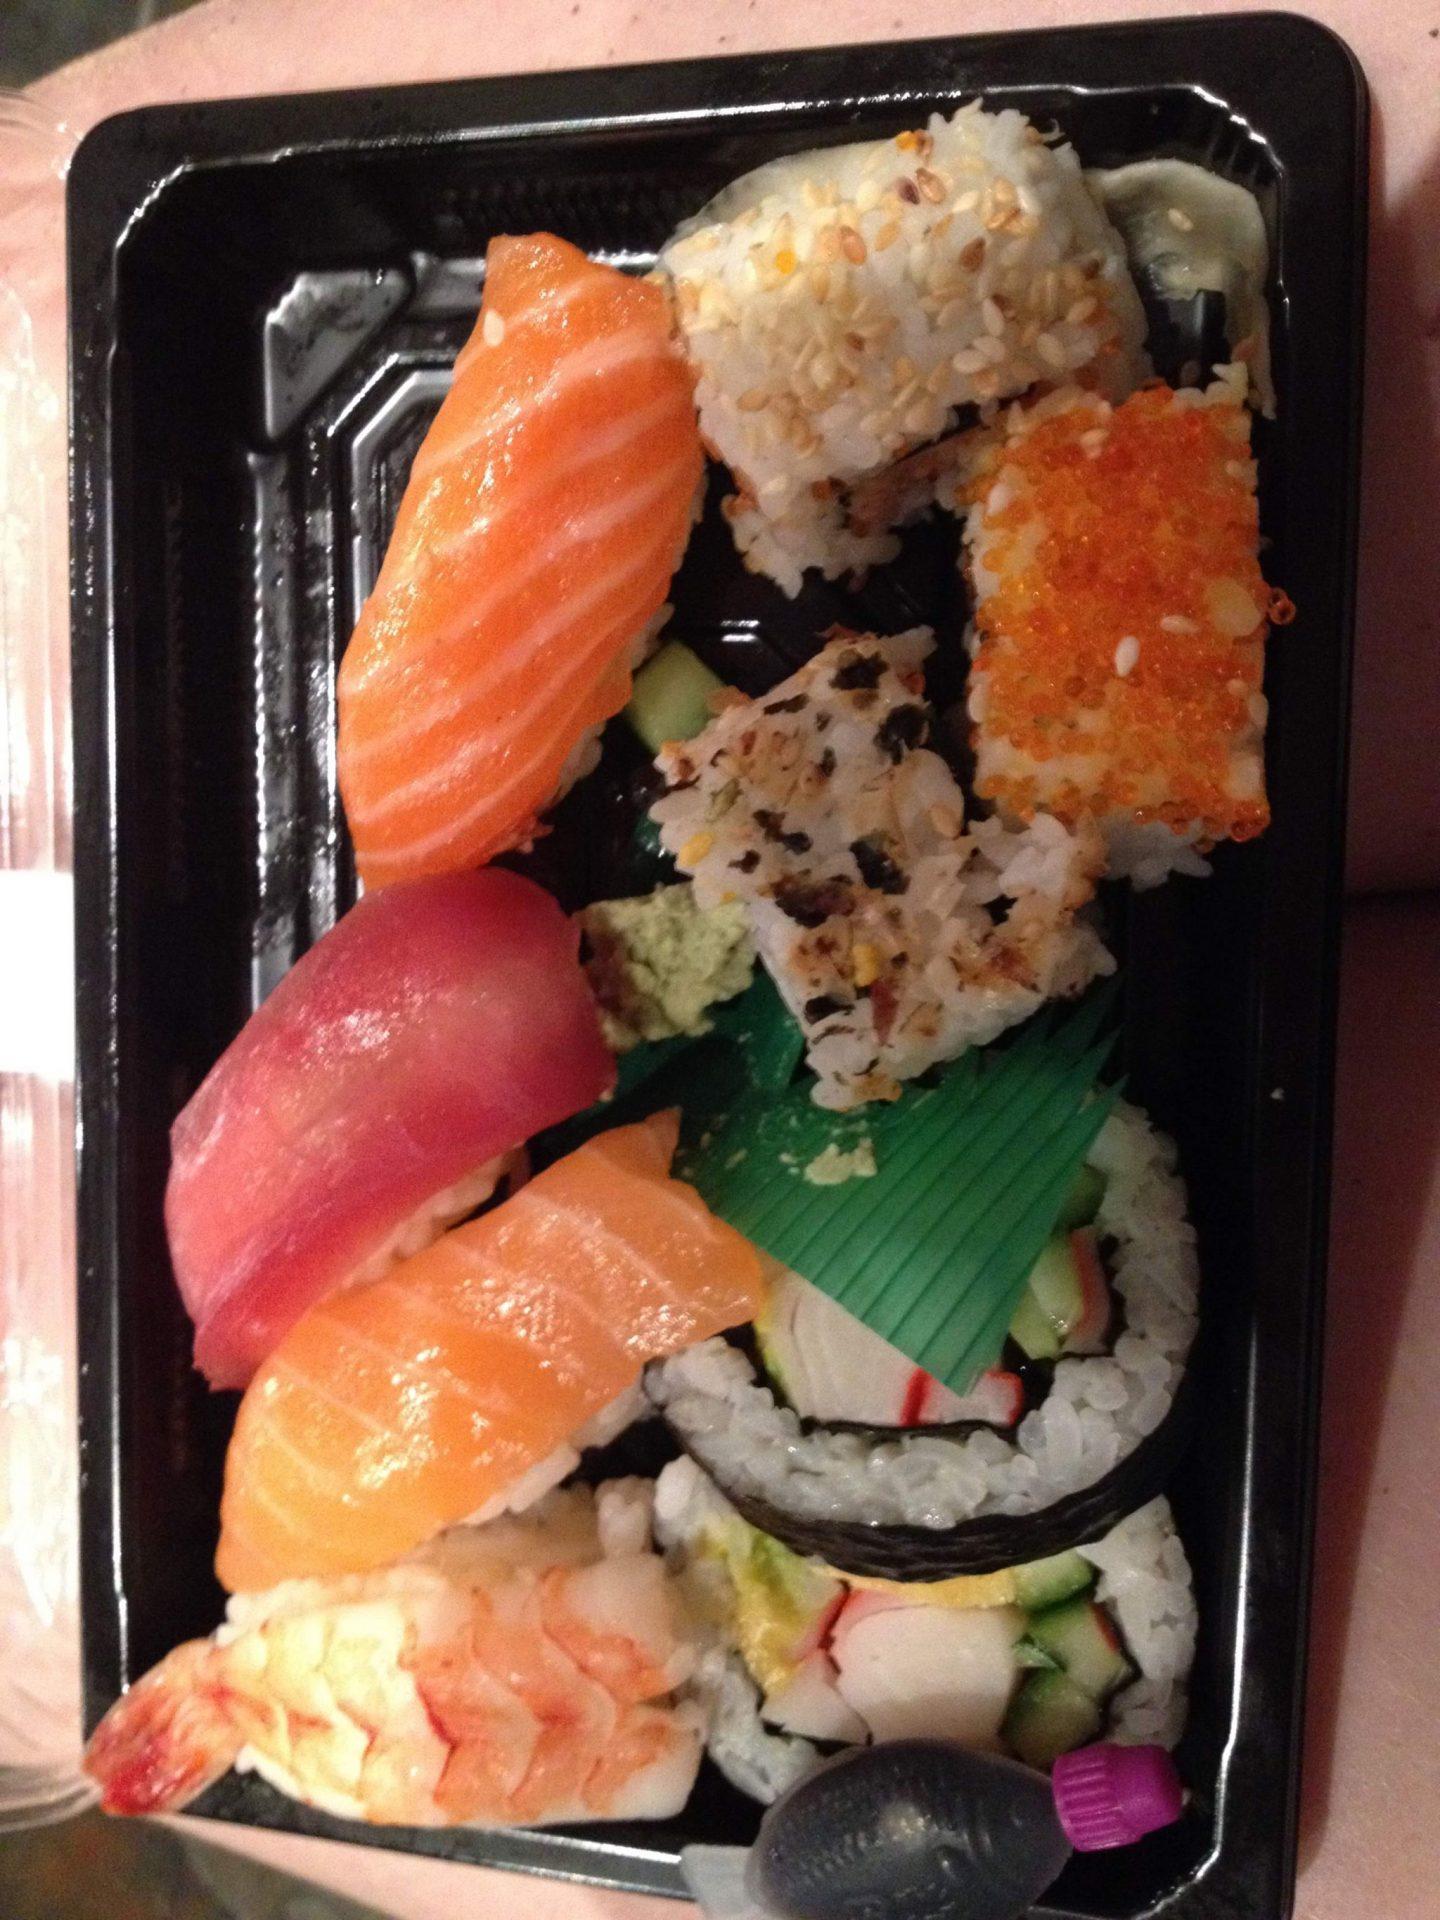 Sushi in Sydney, Australia